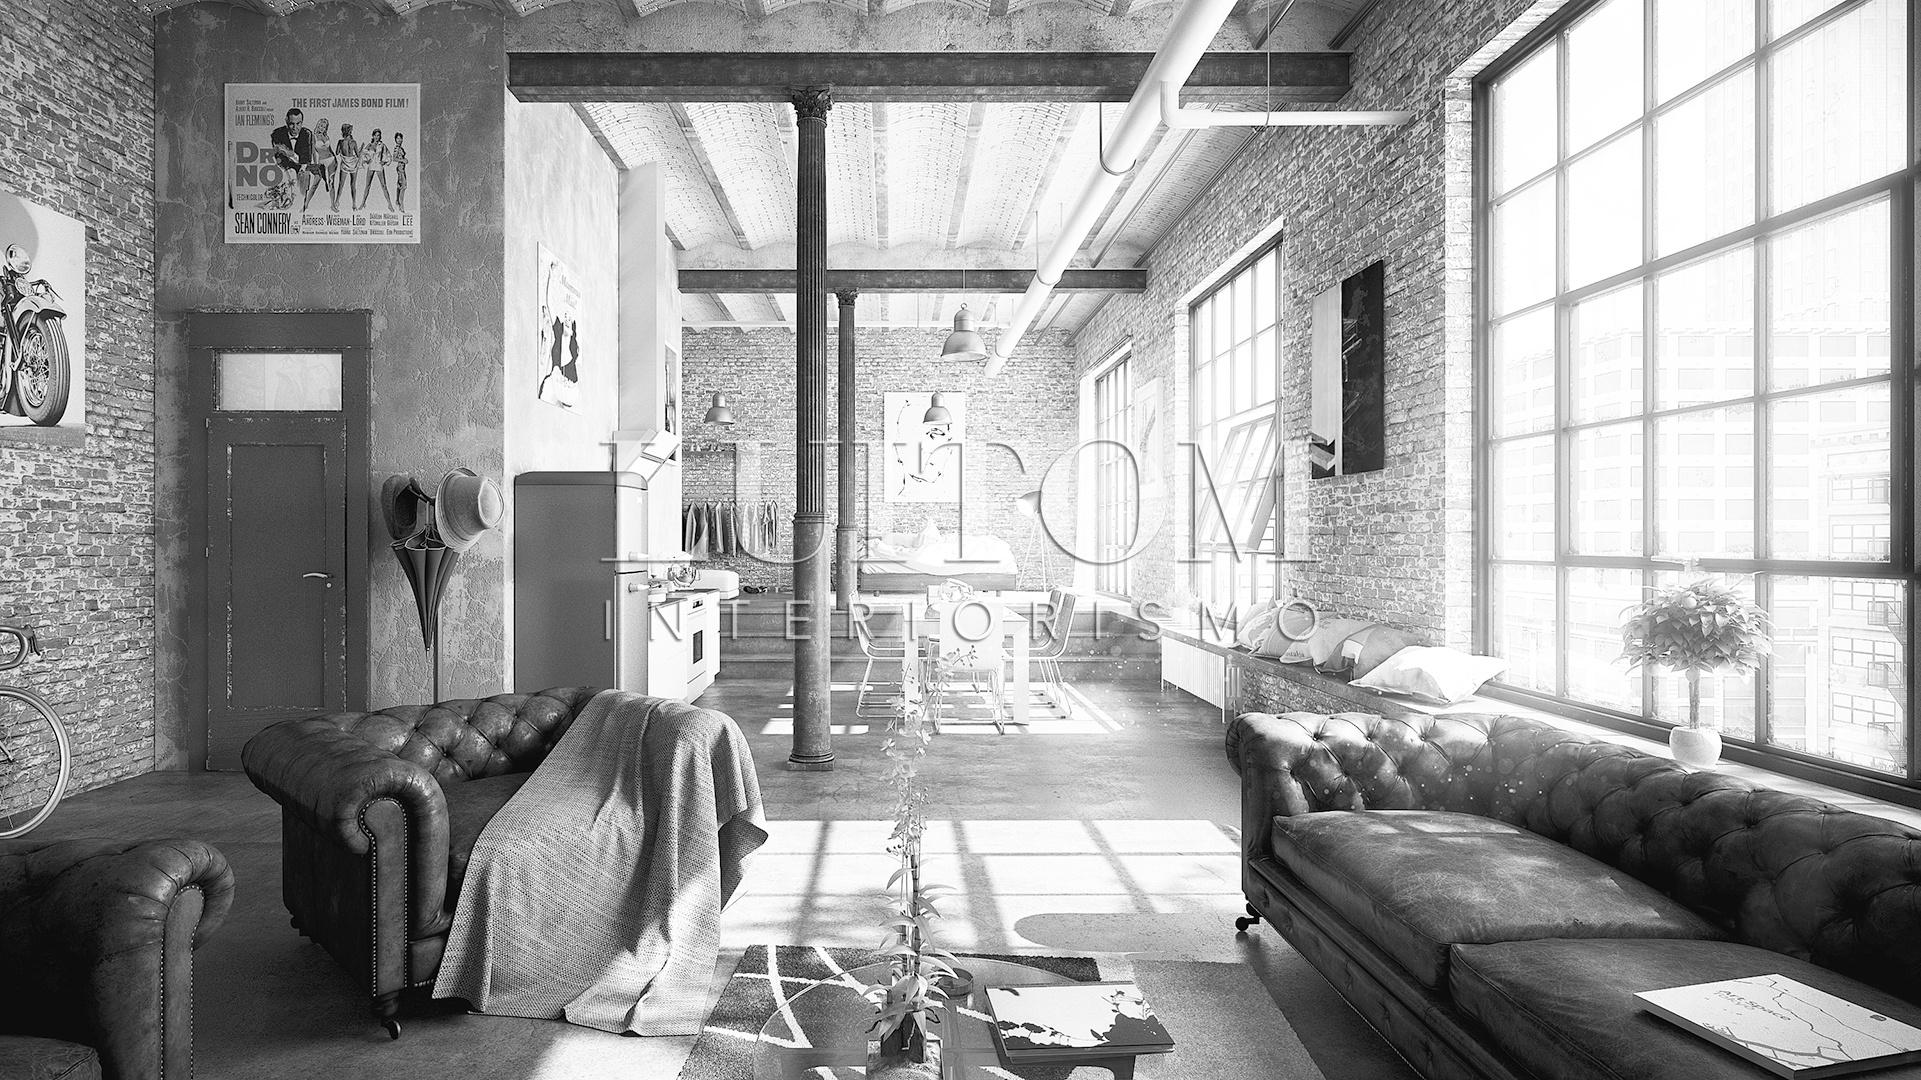 arquitectos-madrid-luitom-interiorismo-arquiectura-decoracion-hogar-architect-office-interior-home-design-00